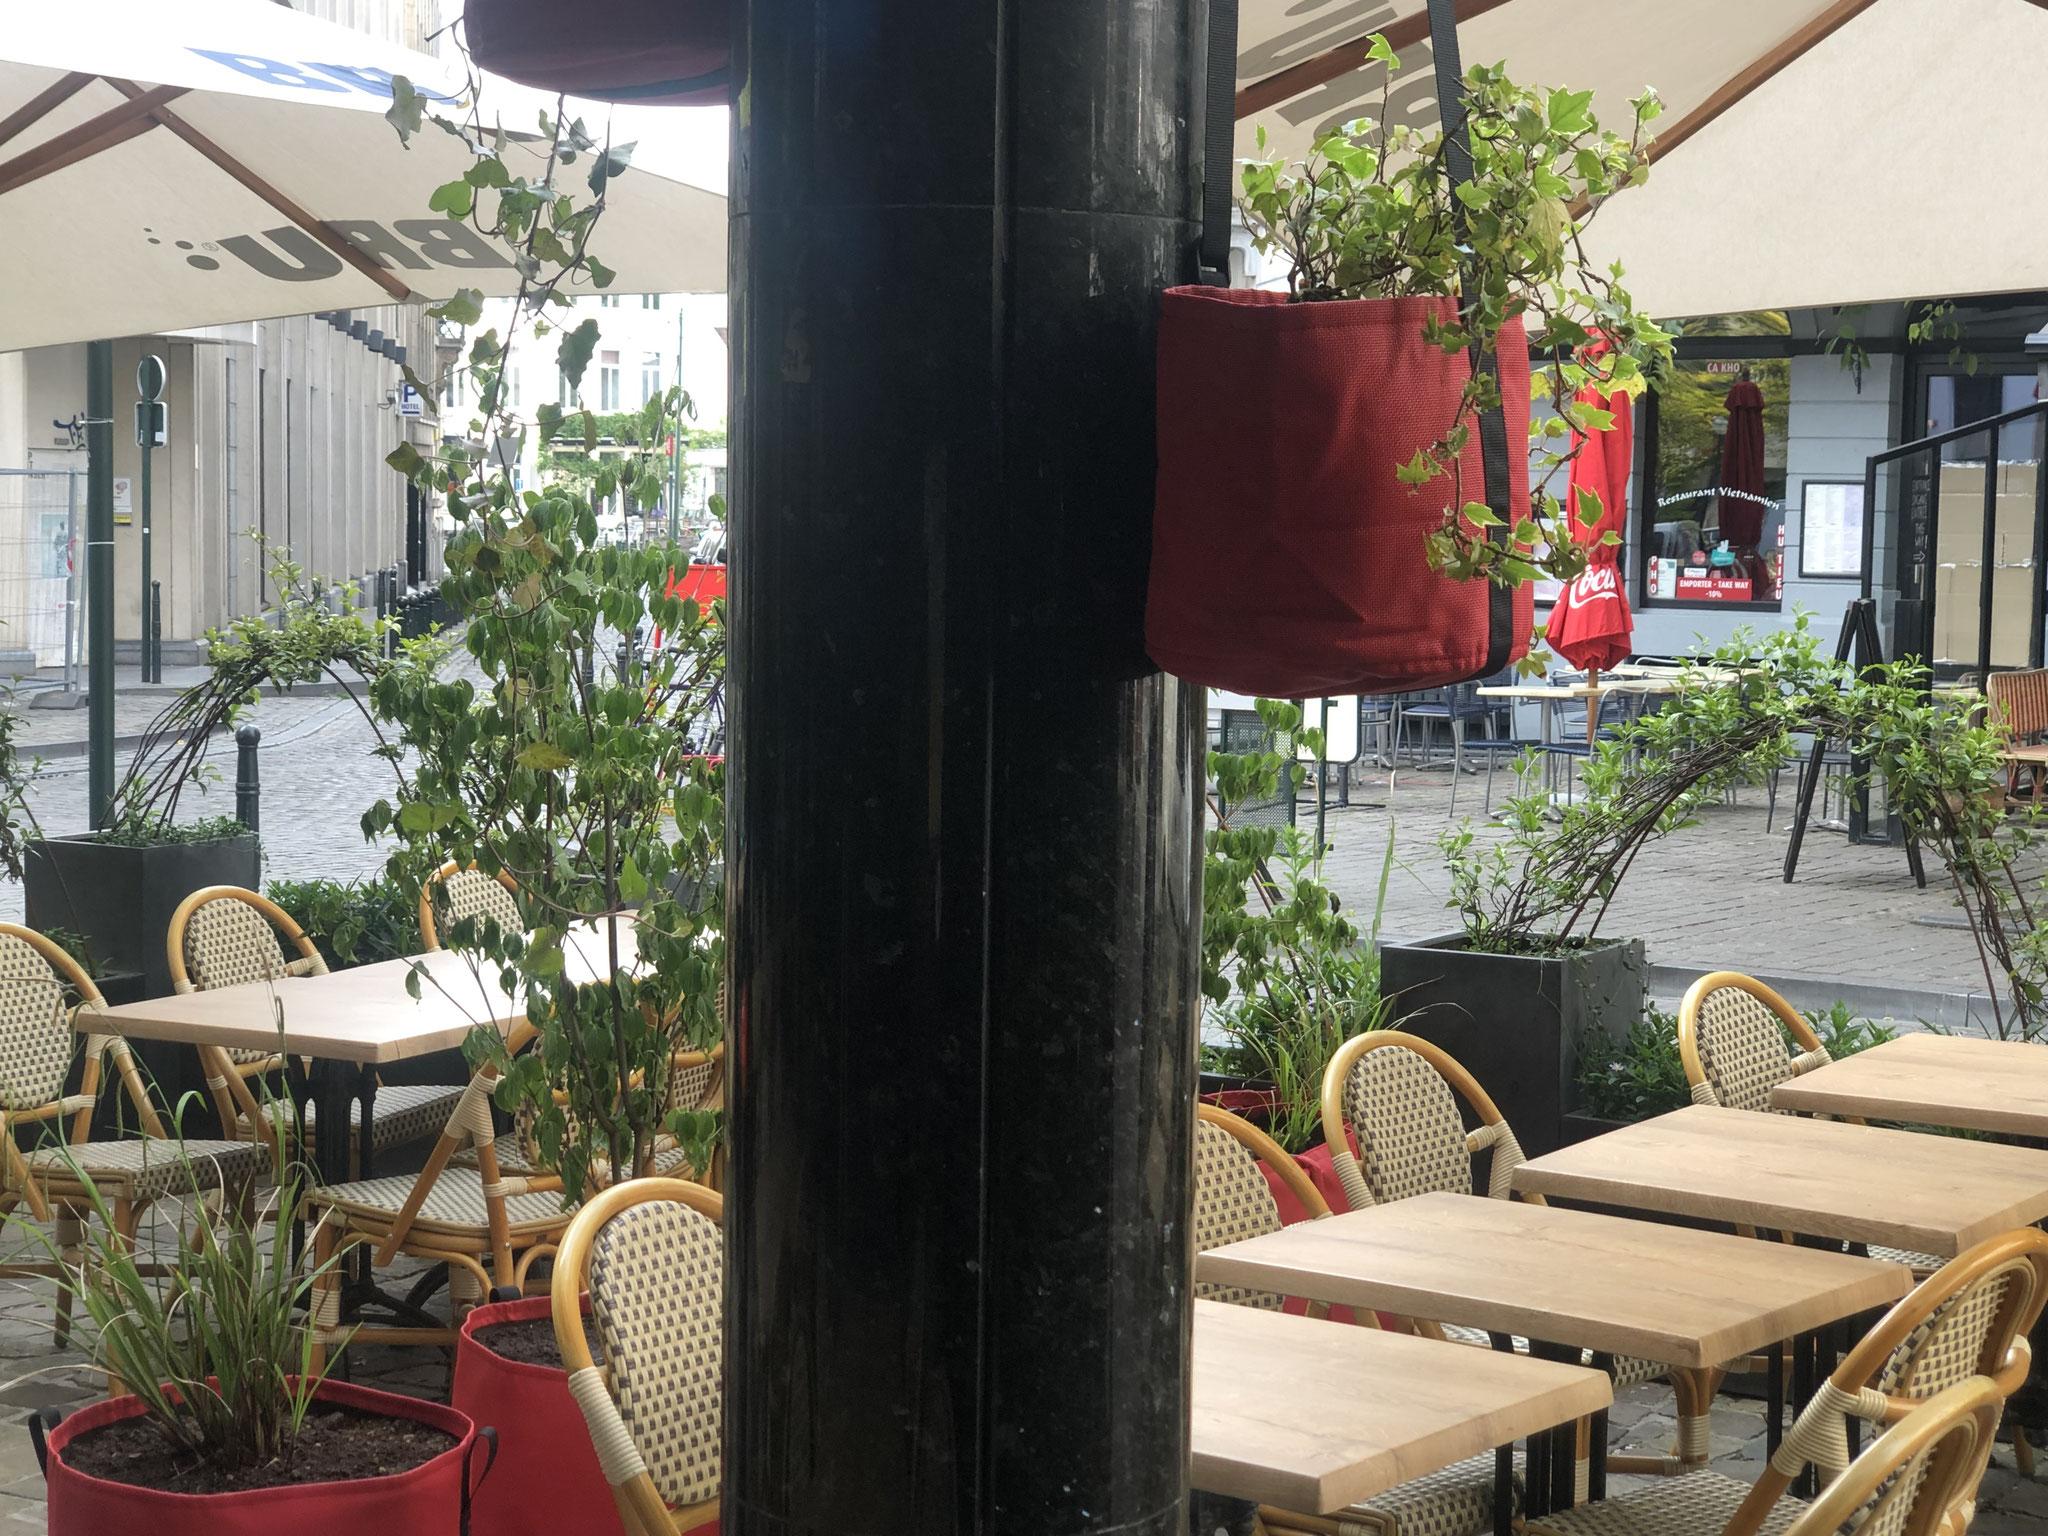 """Terrasse de 50m2 - Ambiance """"Sous-Bois"""" - Détails sur les bacs suspendus. Aménagement jardin Bruxelles"""